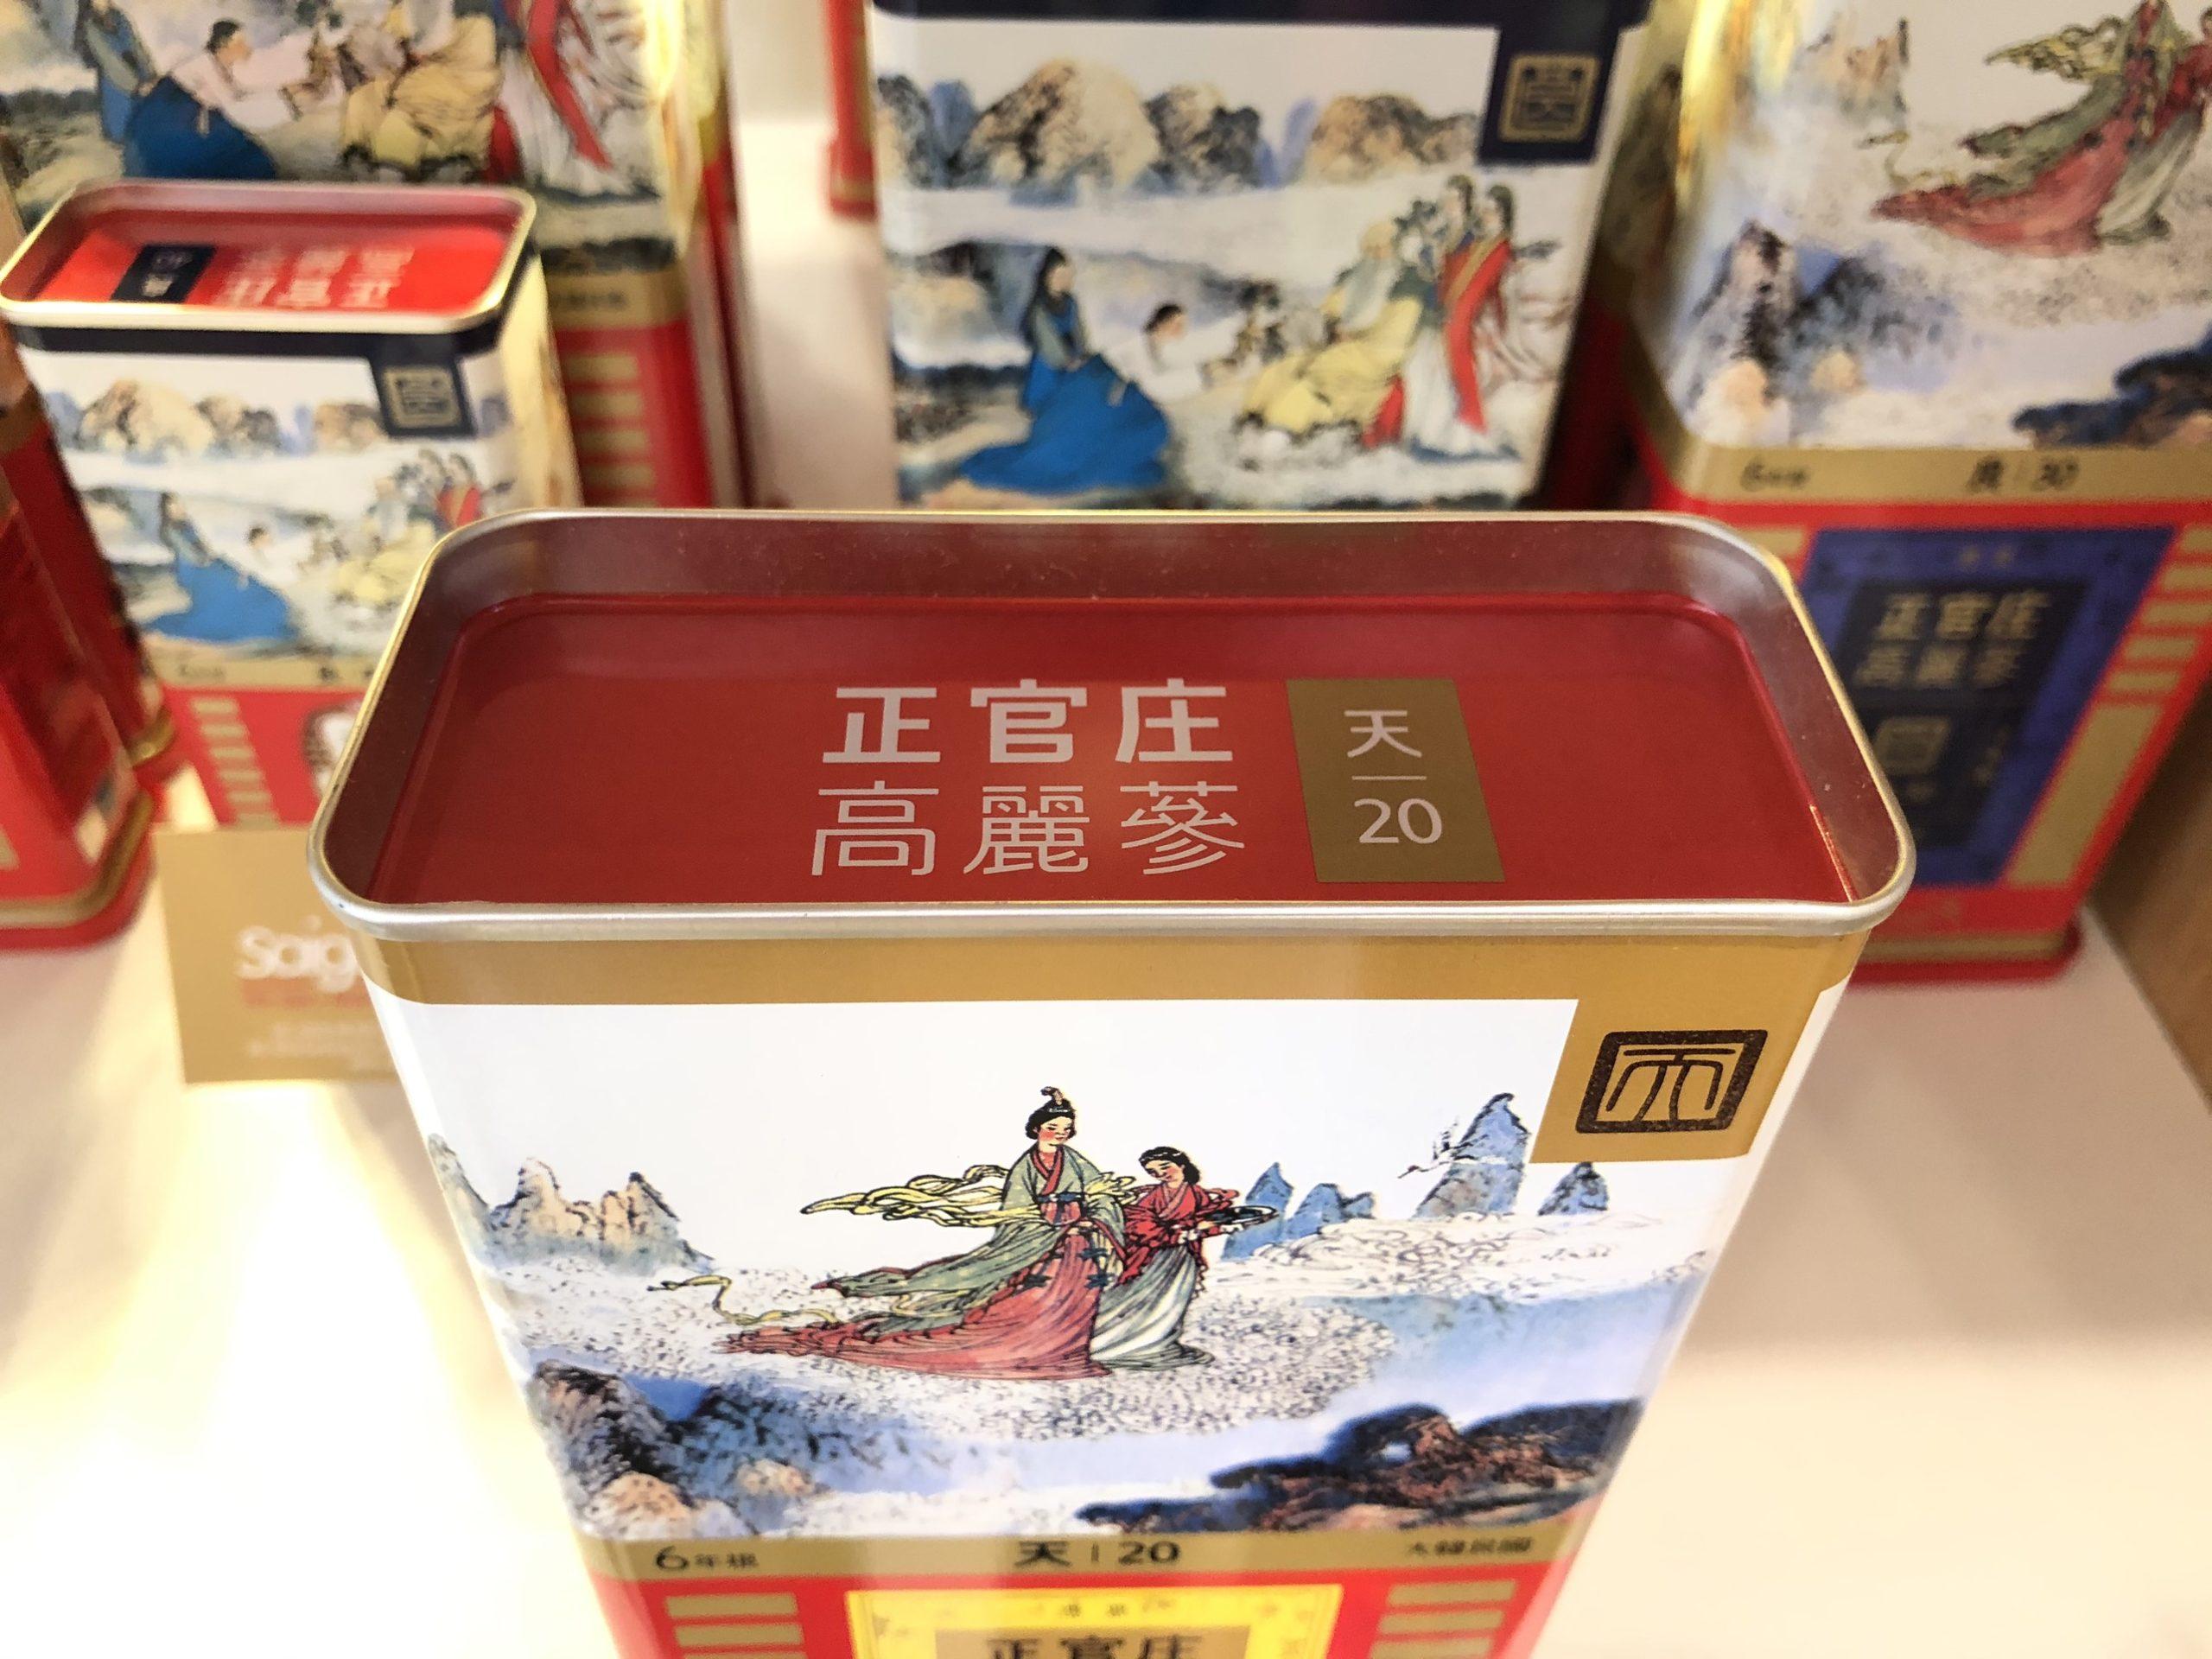 Thiên sâm củ khô 150g kgc